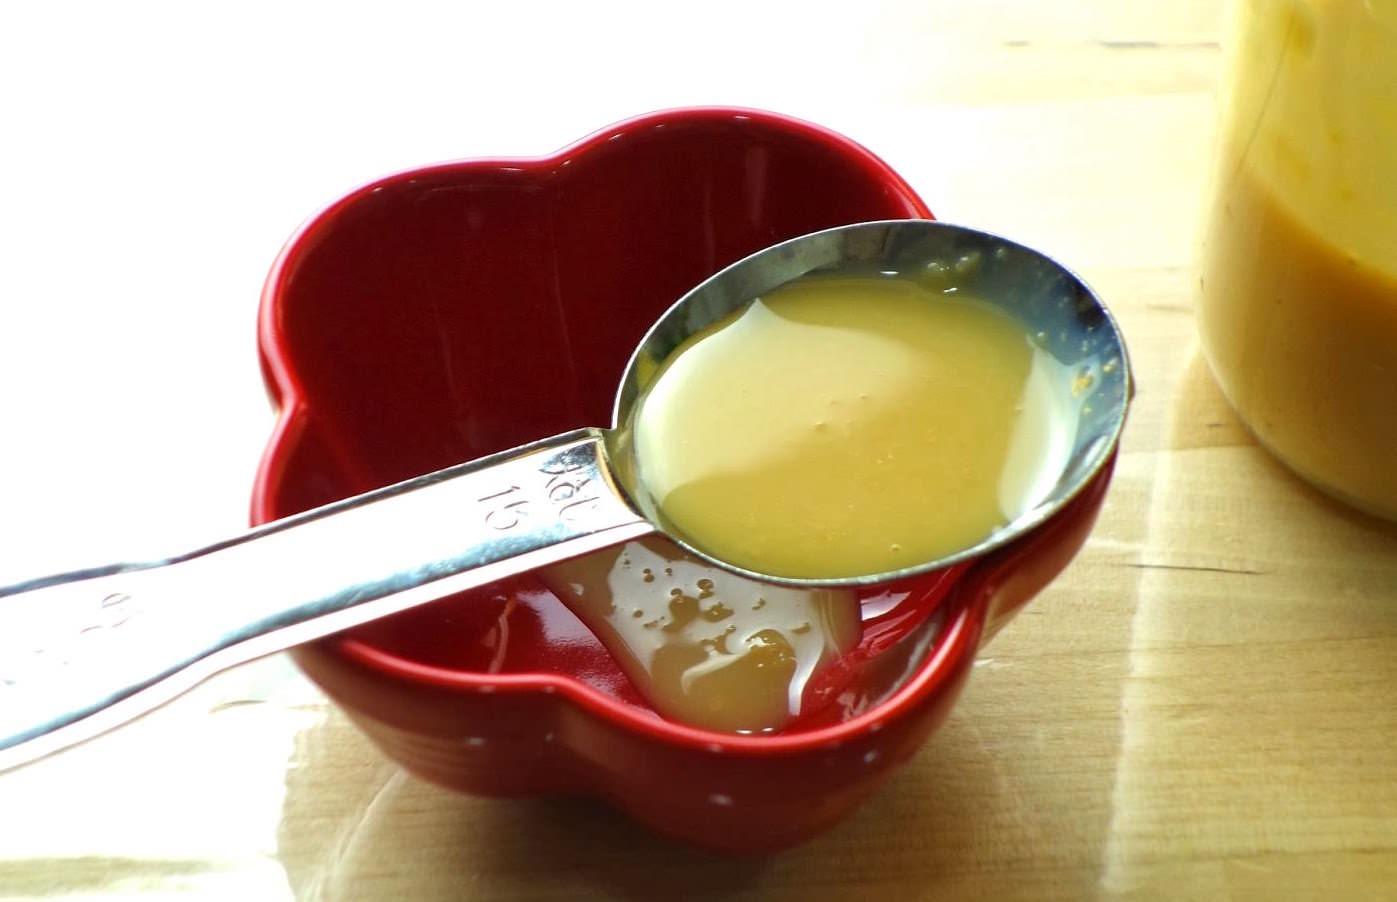 「如何把喝不完的牛奶做成煉乳?」5分鐘教會你,微波爐就能做煉乳!